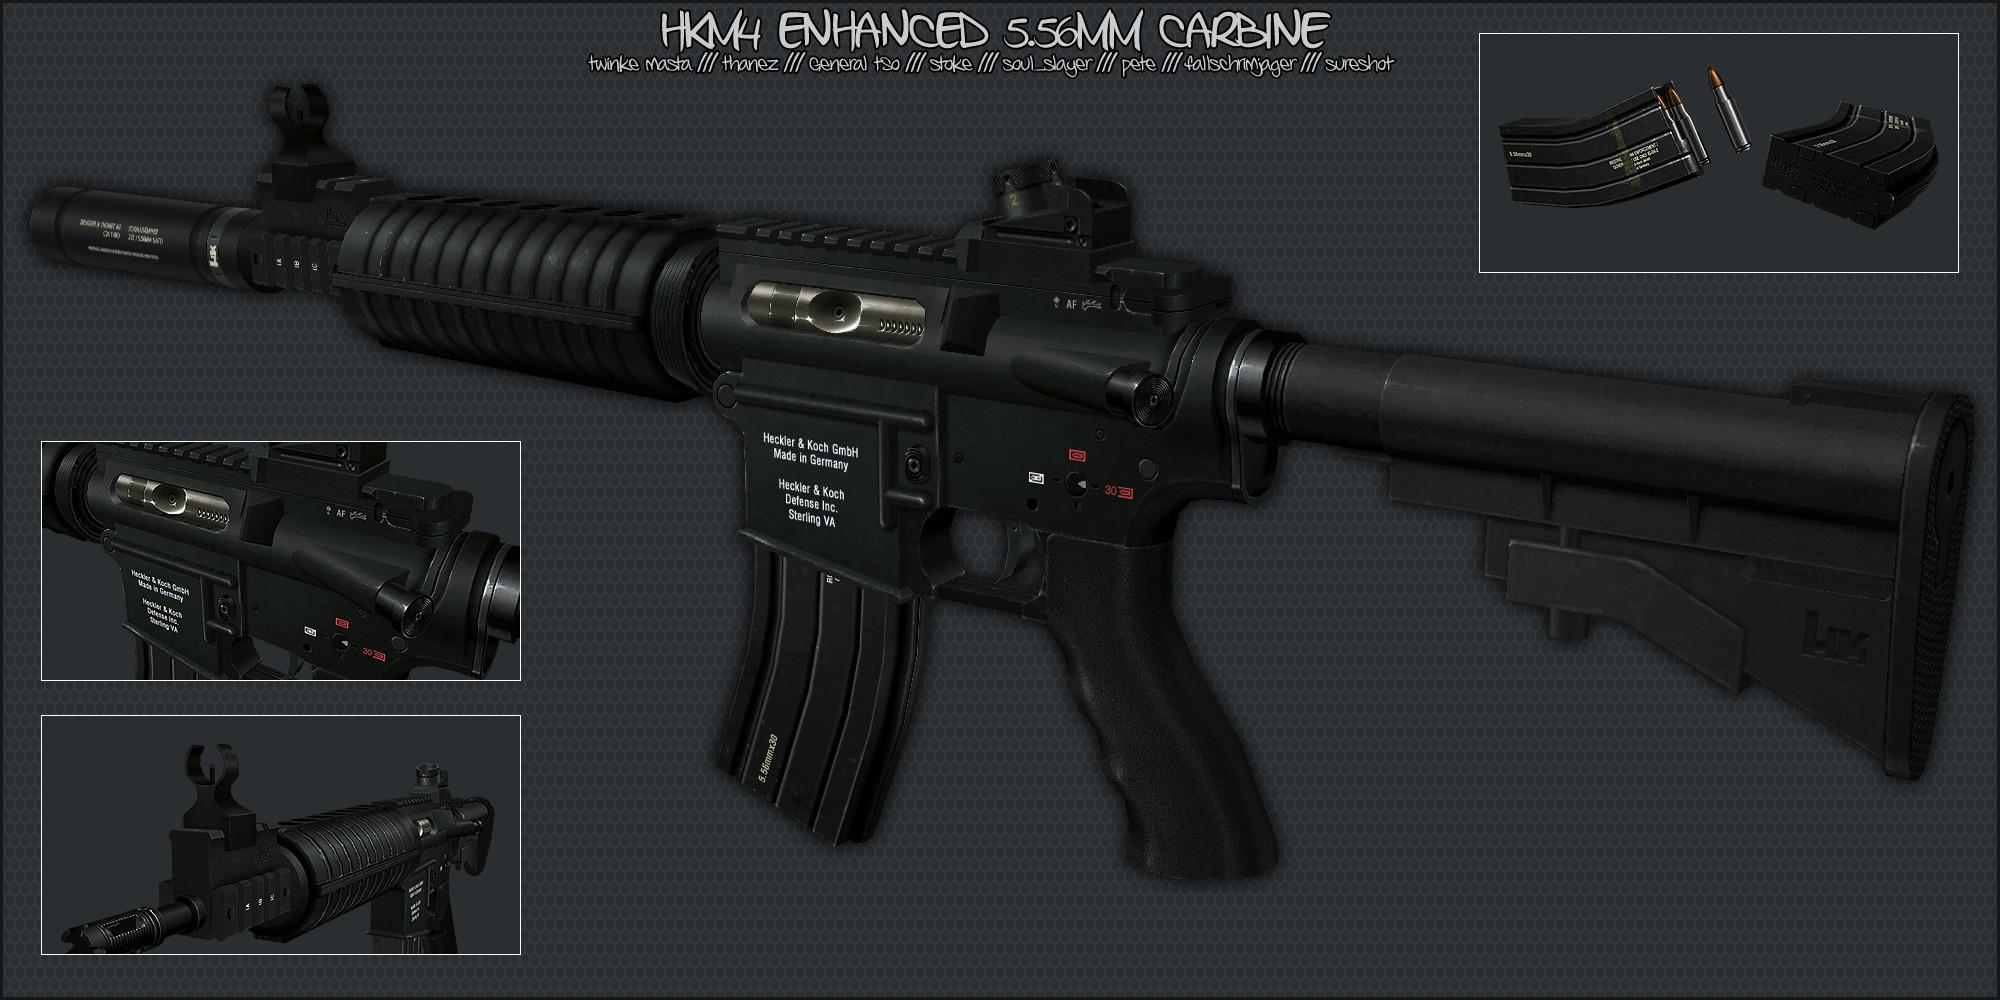 دانلود اسکین ام فور HKM4 Enhanced Carbine برای کانتر 1.6